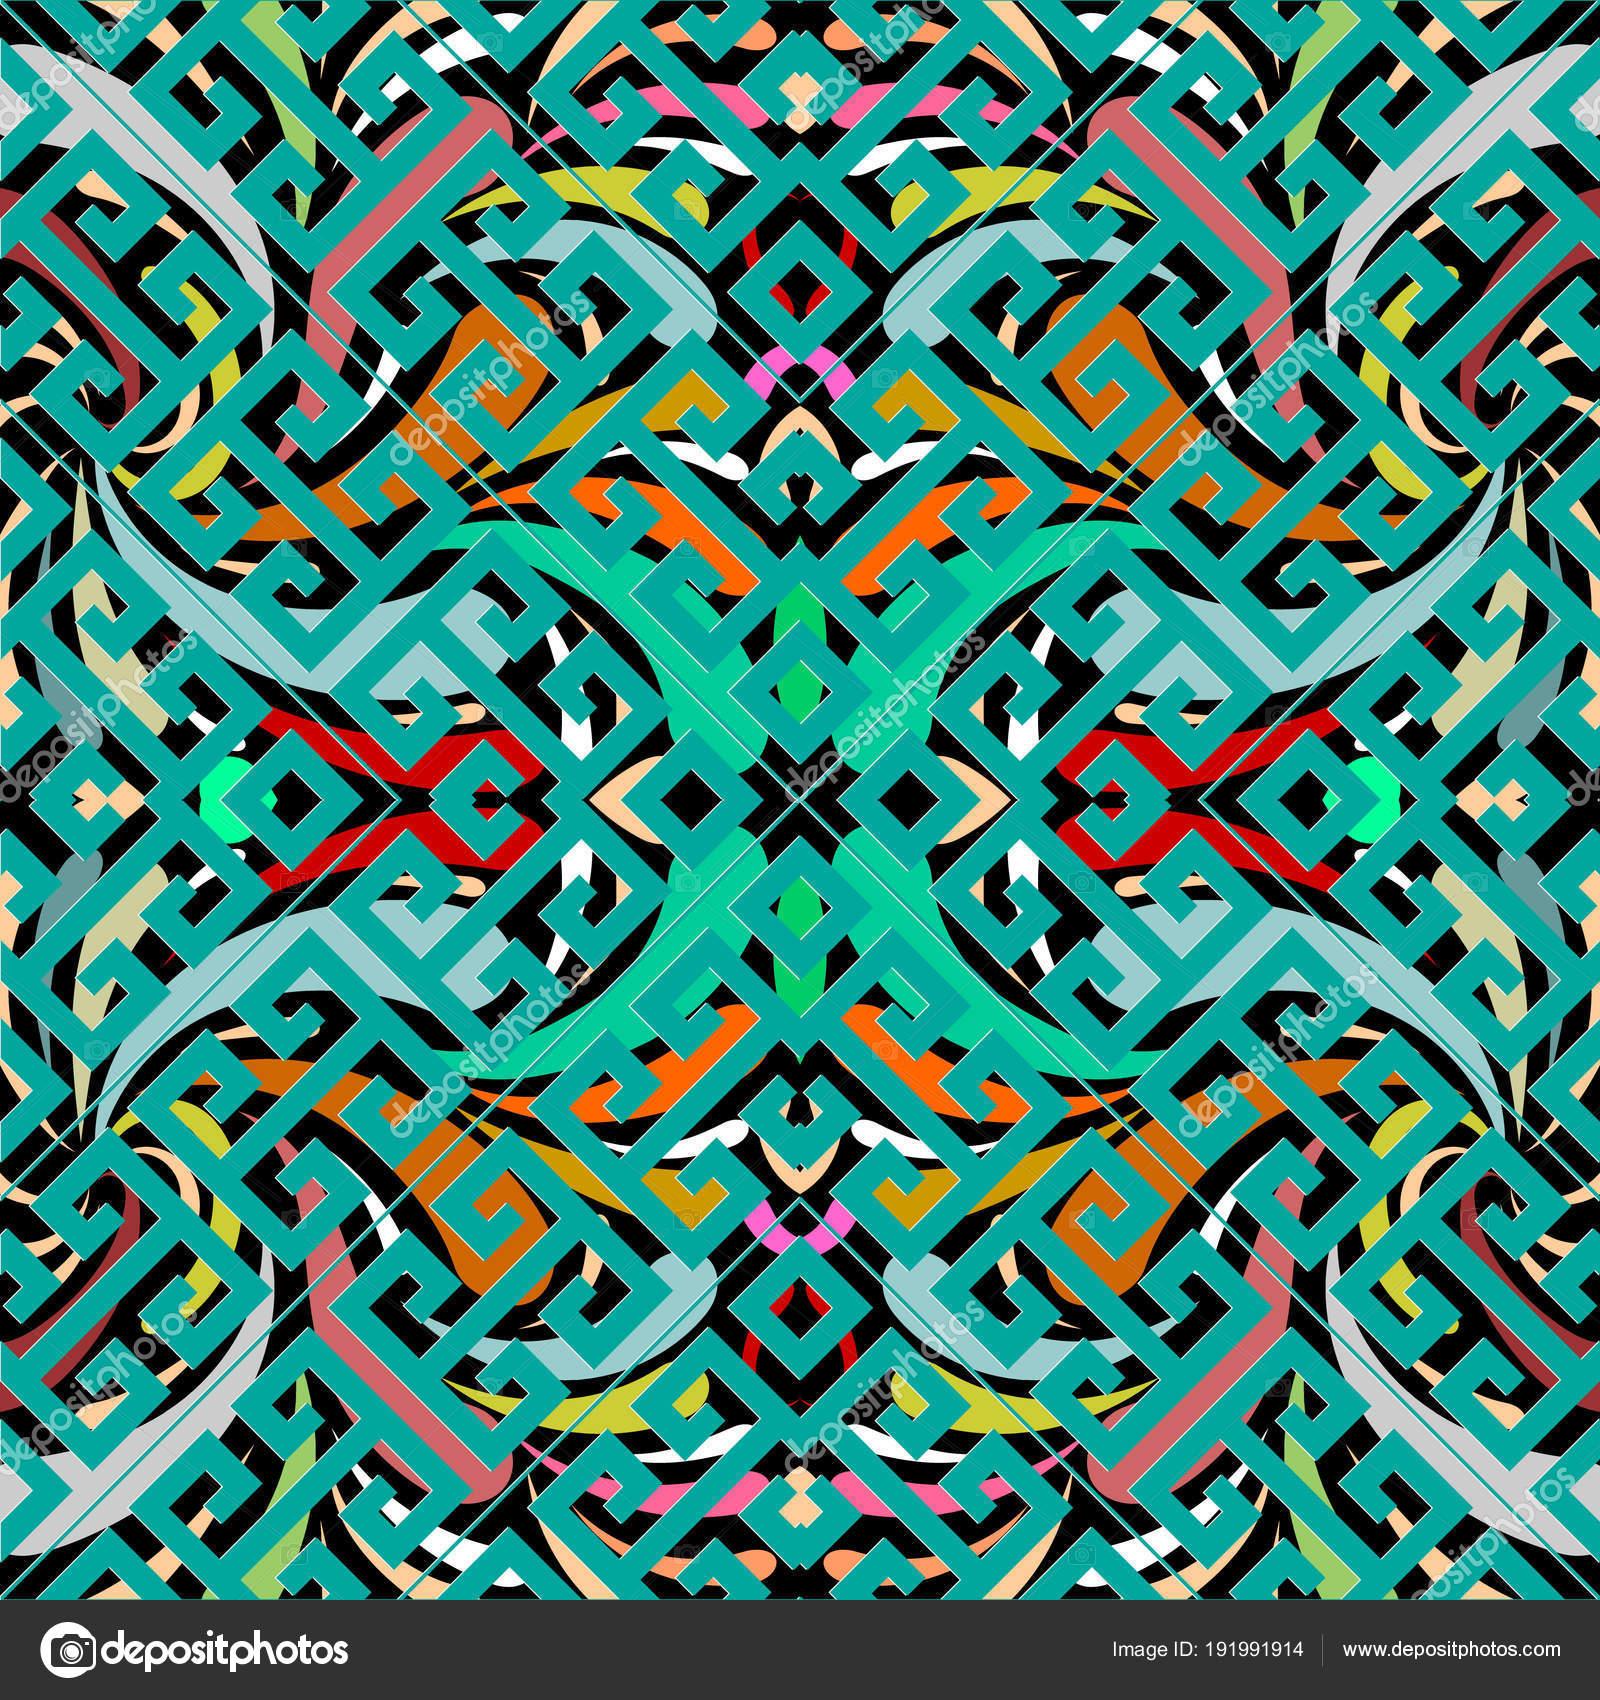 Abstrato De Vetor Turquesa Brilhante Padrao Moderno Da Tela Papel Parede Vintage Grega Meandro Chave Ornamento Geometrico Com Formas Em Azulejo